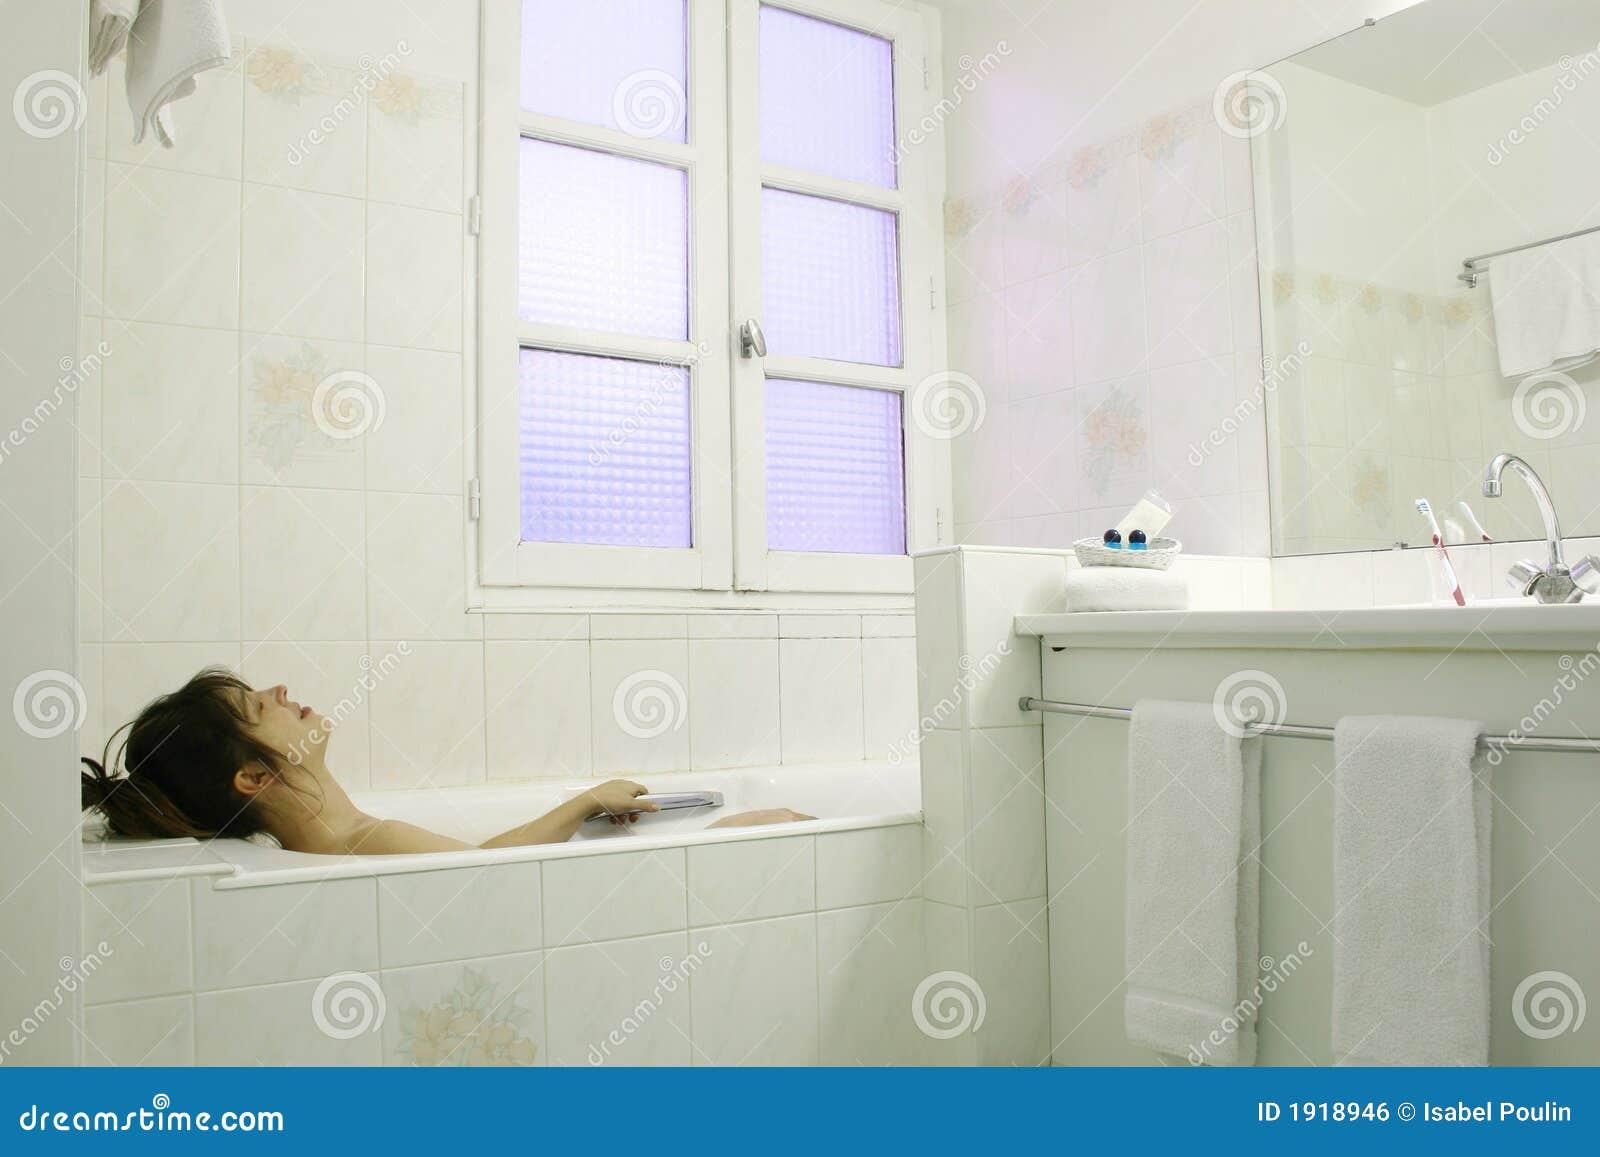 Relajación en un baño